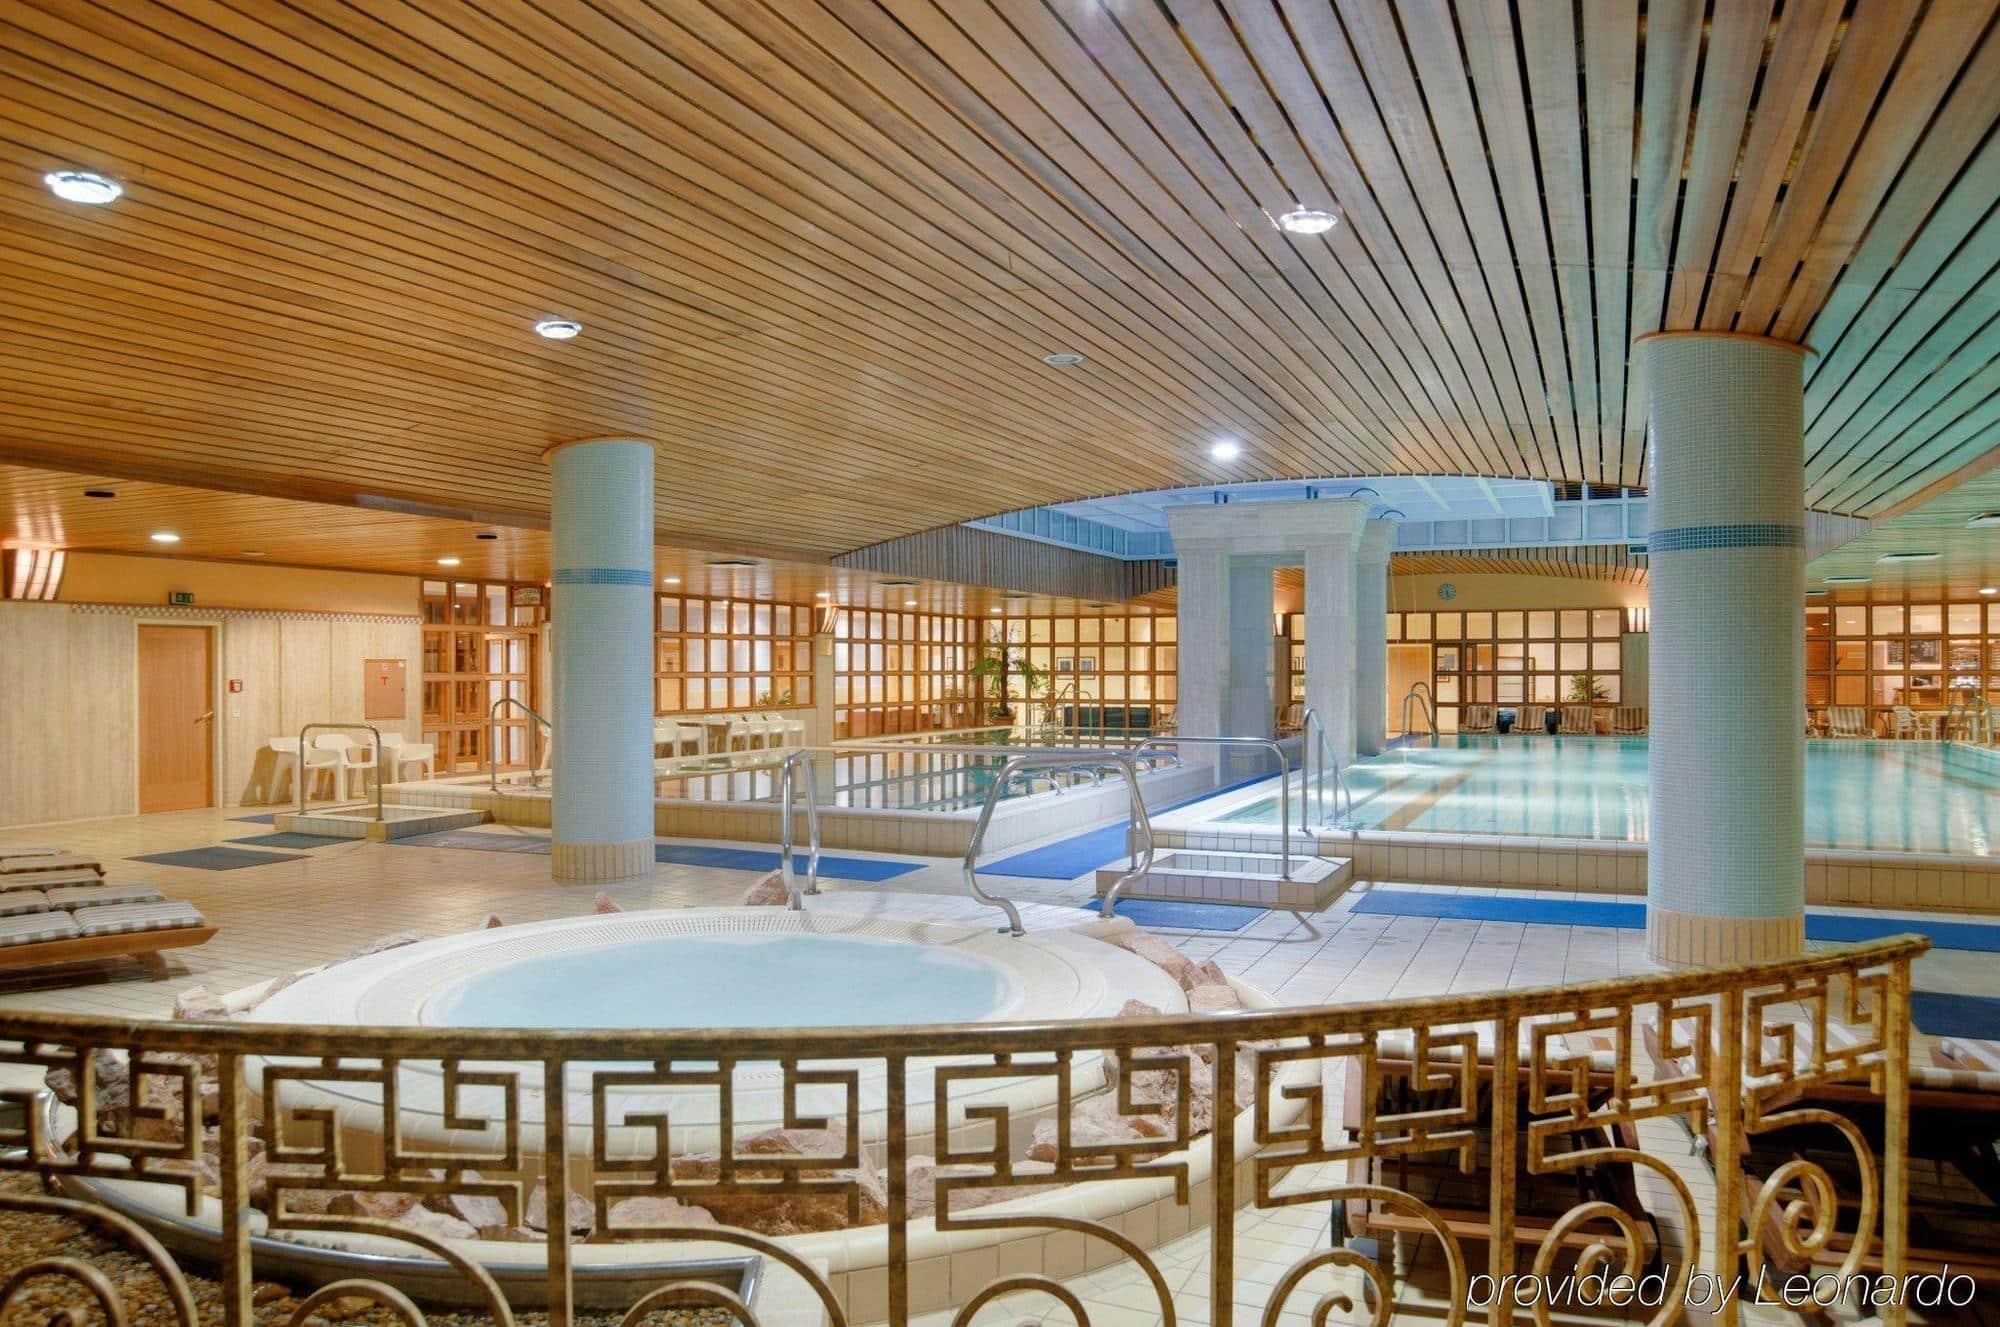 Zwembaden in The Aquincum Hotel in Boedapest, Hongarije